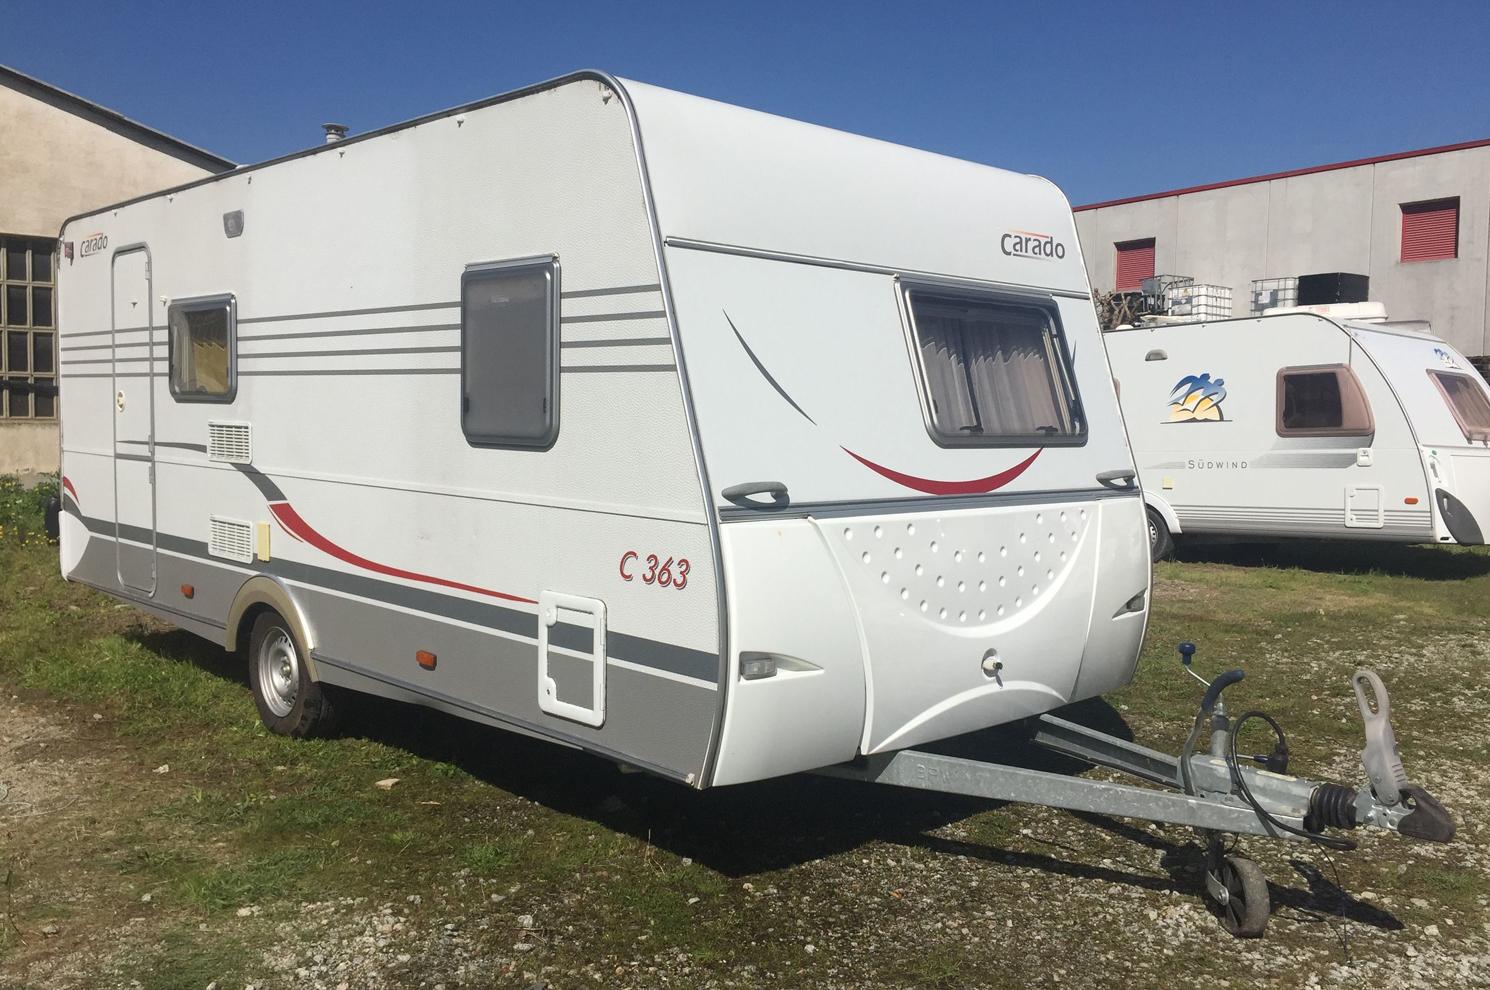 Caravana Carado C363 en Granollers